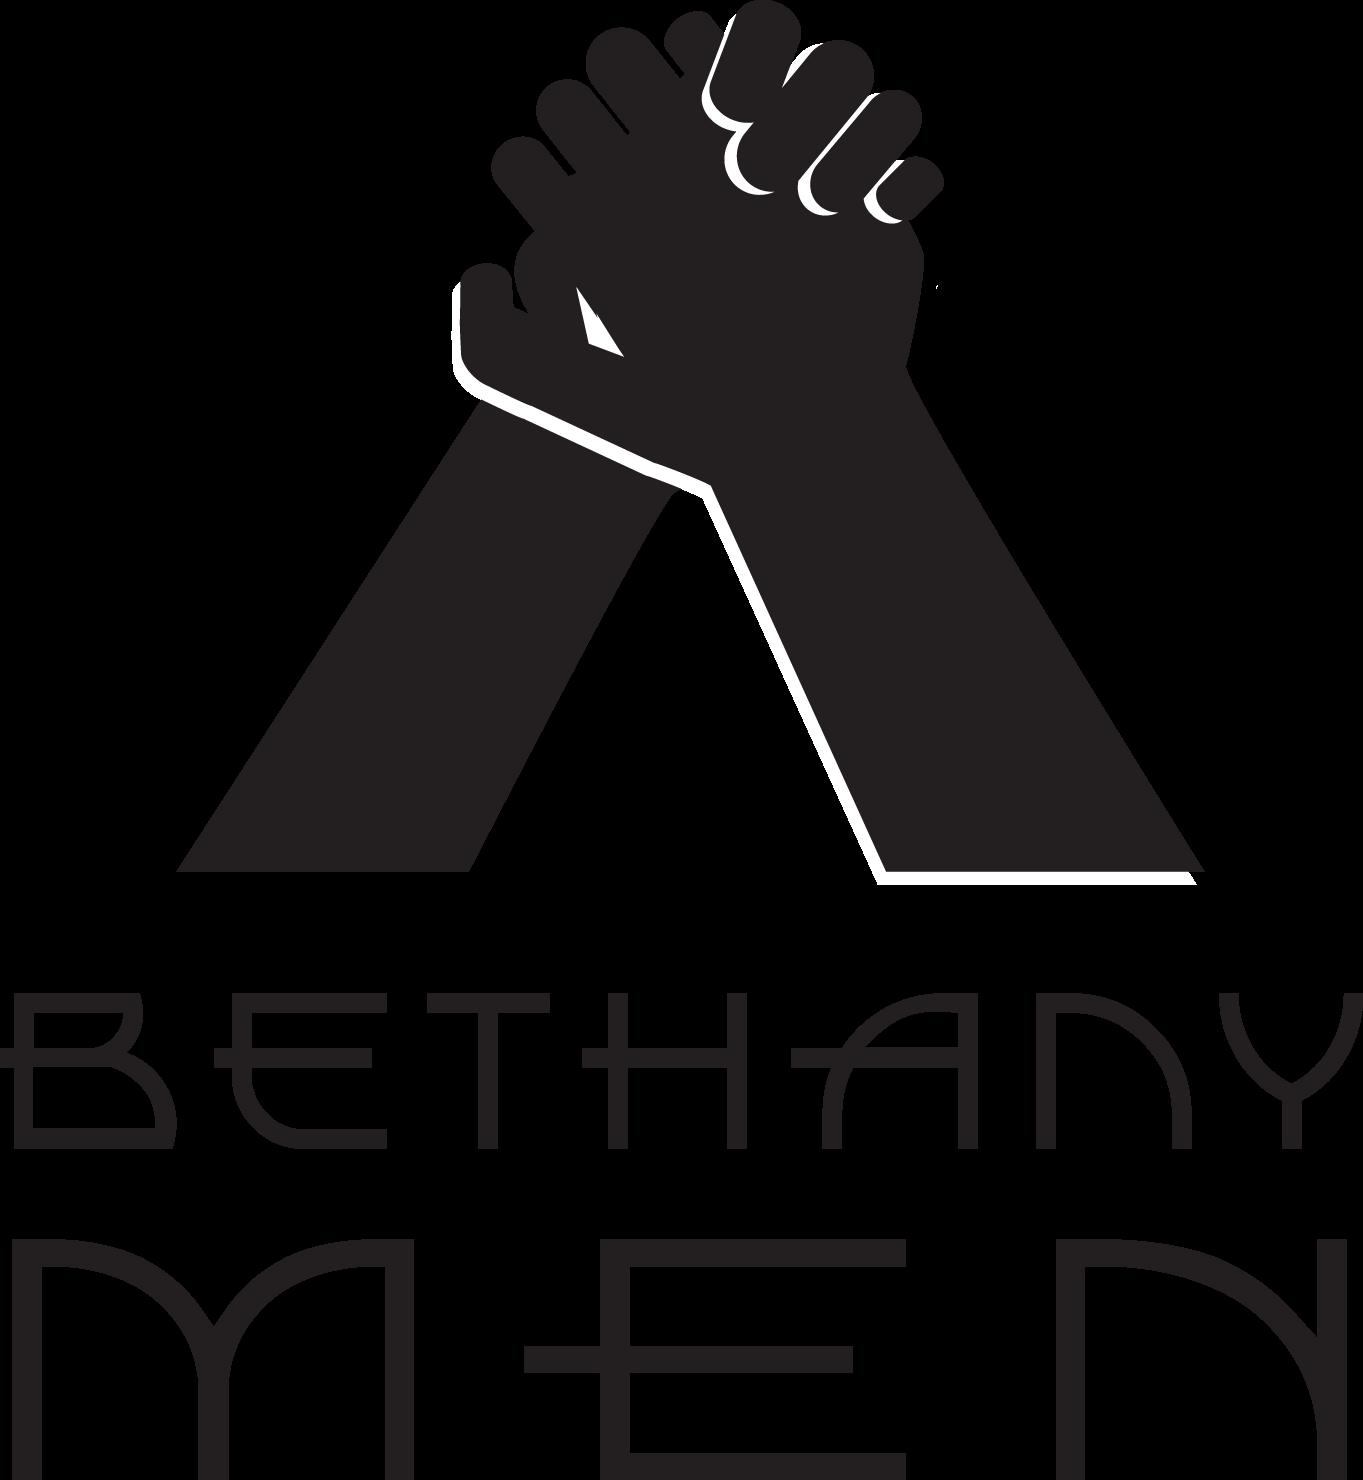 men's ministry logo